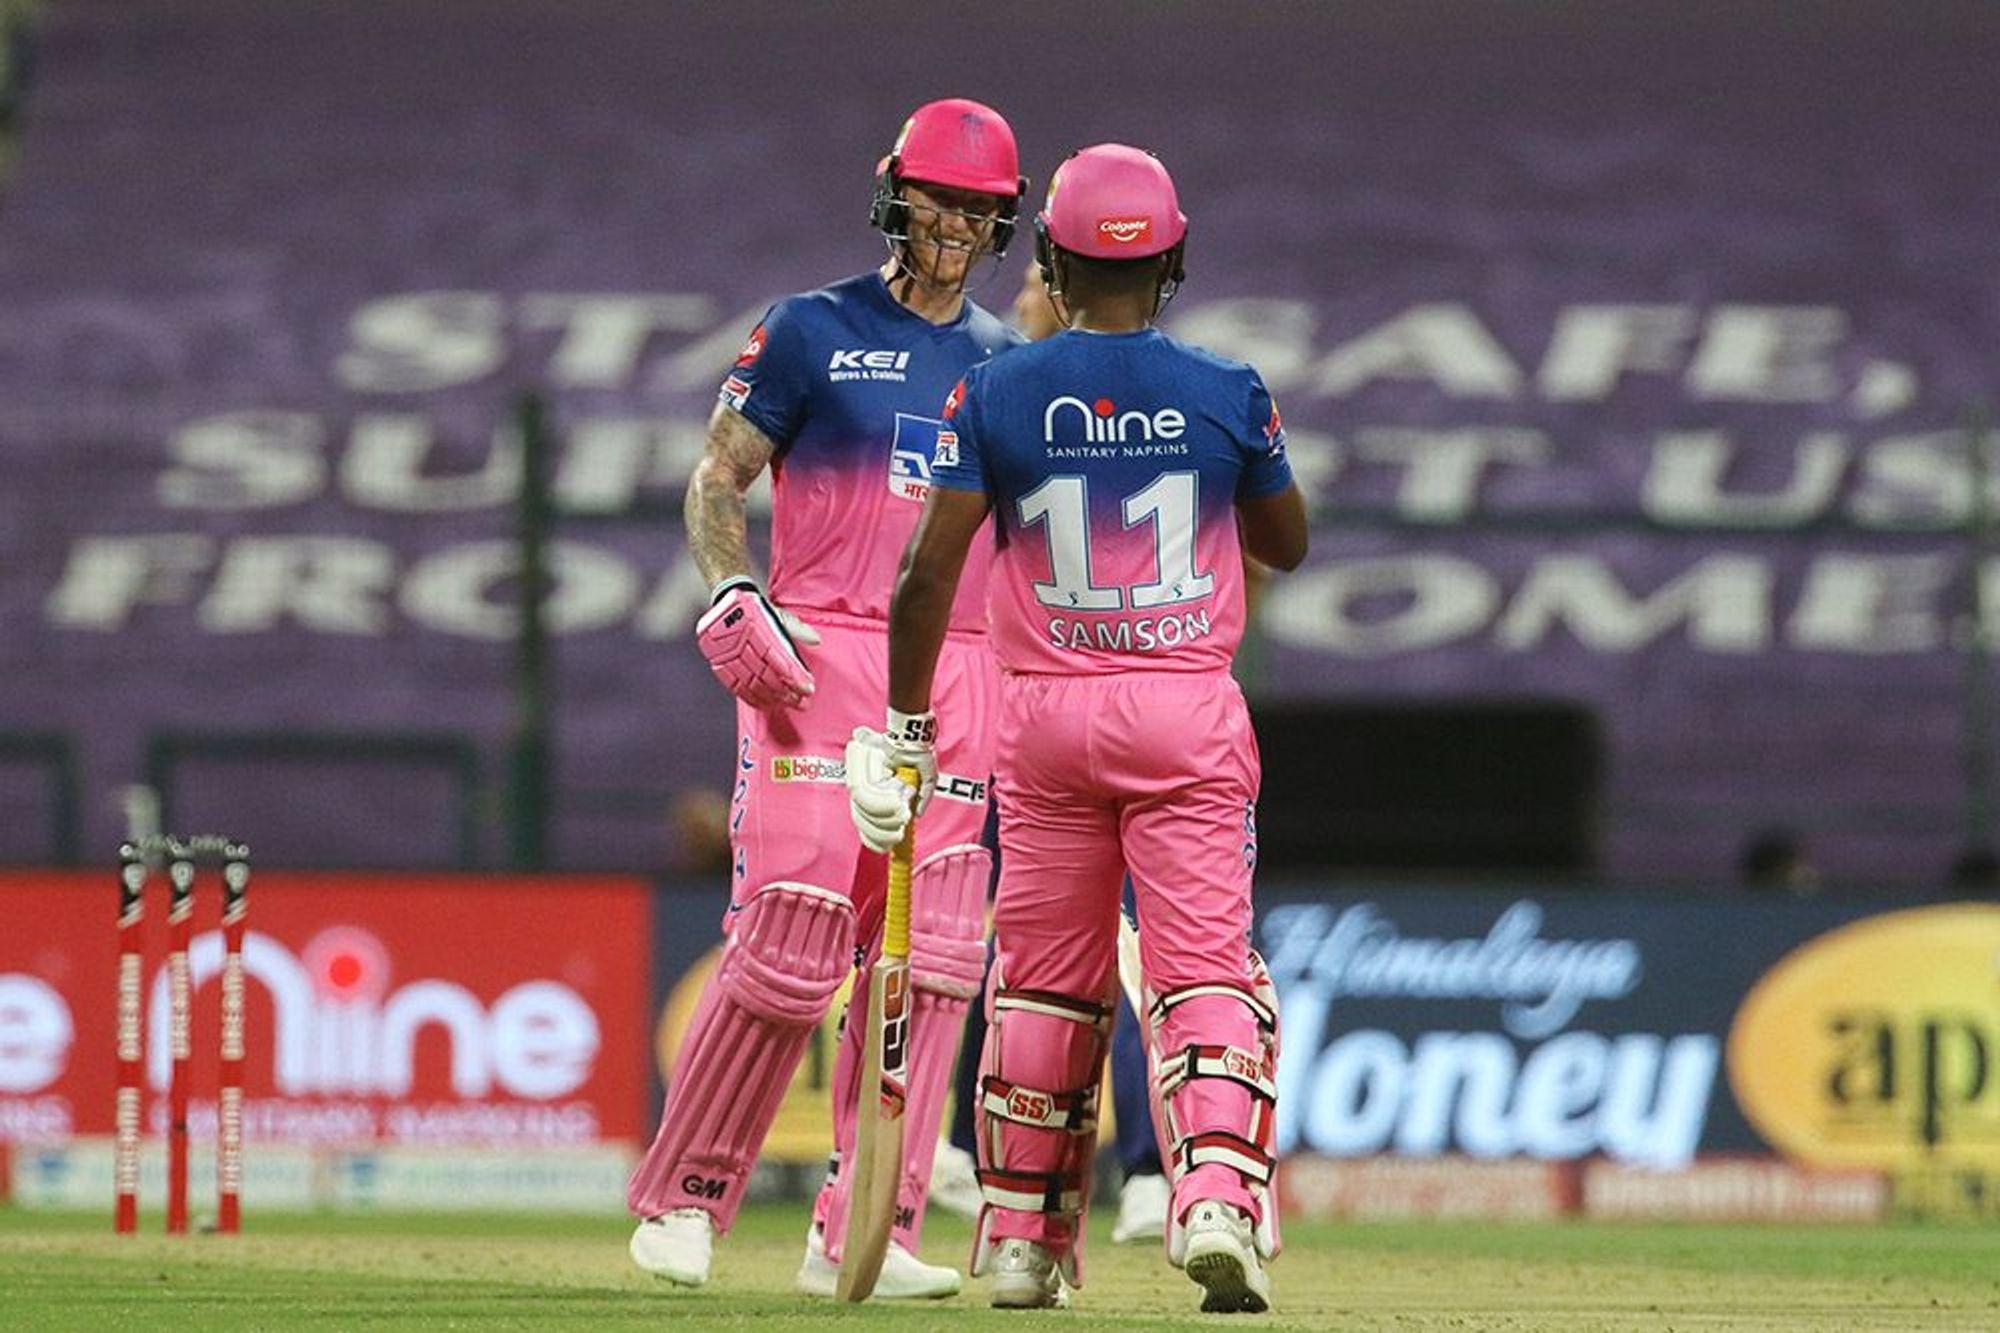 POINTS TABLE: रोमांचक रविवार के बाद राजस्थान रॉयल्स ने लगाई प्वॉइंट्स टेबल पर छलांग 3